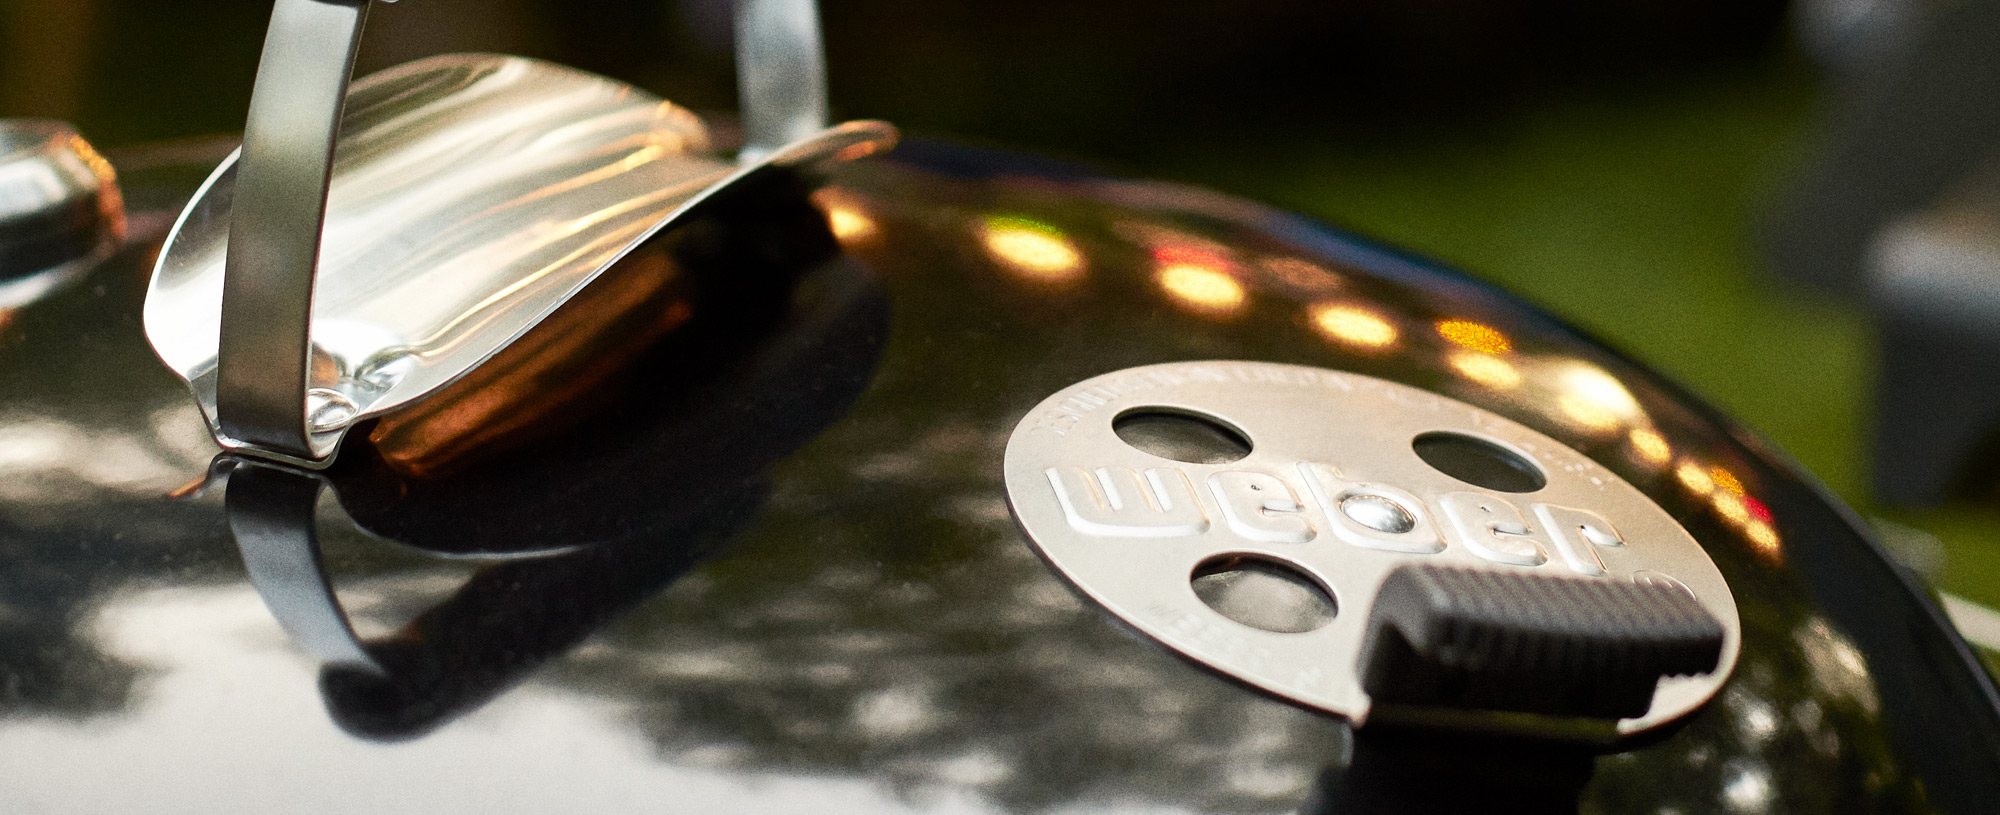 weber grill ersatzteil weber grill ersatzteile. Black Bedroom Furniture Sets. Home Design Ideas